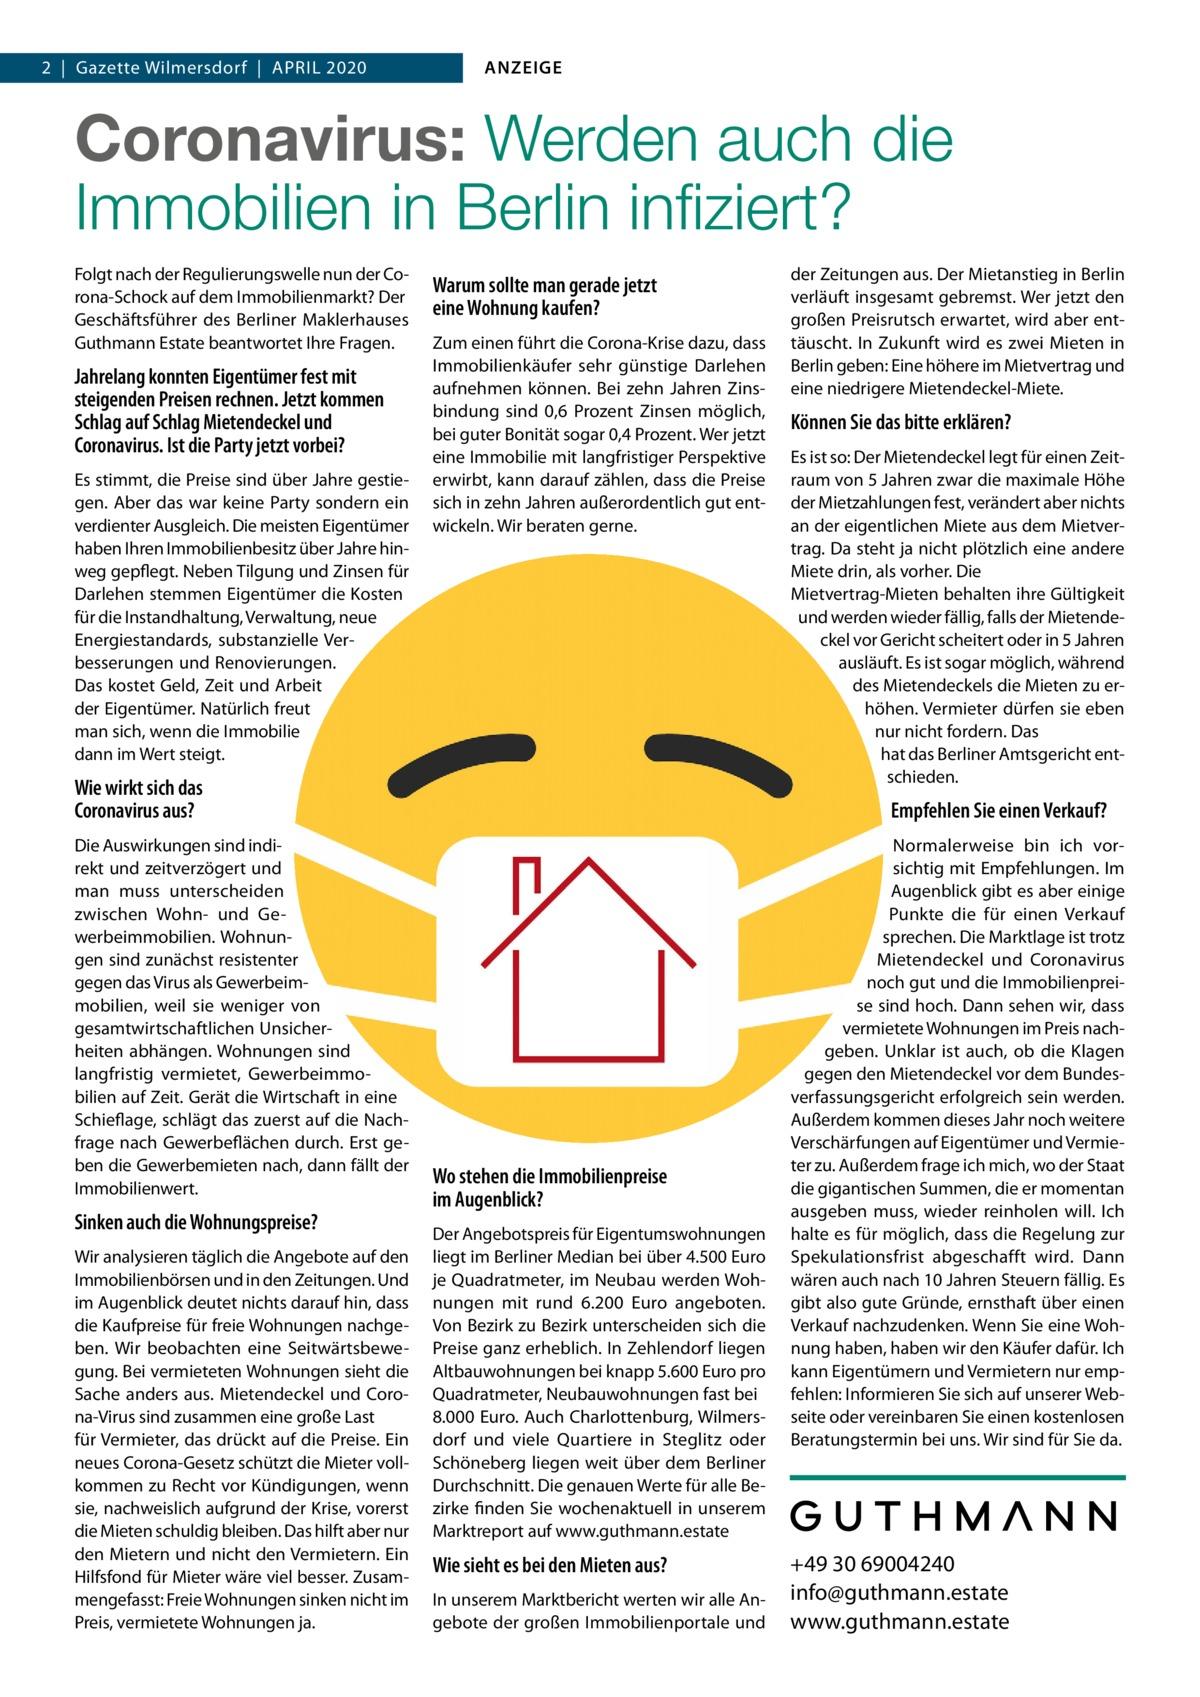 1  Gazette  2020 Datei: Guthmann-2020-04.indd 2 Gazette Wilmersdorf April 2020  ANZEIGE  Coronavirus, Mietendeckel, Wirtschaftsflaute:  Wie sicher sind Immobilien in Berlin noch? Wie sieht es bei den Mieten aus? In unserem Marktbericht werten wir alle Angebote der großen Immobilienportale und der Zeitungen aus. Der Mietanstieg in Berlin verläuft insgesamt gebremst. Wer jetzt den großen Preisrutsch erwartet, wird aber enttäuscht werden. In Zukunft wird es zwei Mieten in Berlin geben: Eine höhere im Mietvertrag und eine niedrigere Mietendeckel-Miete.  Können Sie das bitte erklären?  Folgt nach der Regulierungswelle nun der Corona-Schock auf dem Immobilienmarkt? Der Geschäftsführer des Berliner Maklerhauses Guthmann Estate und Gründer der digitalen Hausverwaltung Estate Services im Gespräch.  Herr Guthmann, jahrelang konnten Eigentümer fest mit steigenden Preise rechnen. Jetzt kommen Schlag auf Schlag Mietendeckel und Coronavirus. Ist die Party vorbei? Es stimmt, die Preise sind über Jahre gestiegen. Aber das war keine Party sondern ein verdienter Ausgleich. Die meisten Eigentümer haben Ihren Immobilienbesitz über Jahre hinweg gepflegt. Neben Tilgung und Zinsen für Darlehen stemmen Eigentümer die Kosten für die Instandhaltung, Verwaltung, neue Energiestandards, substanzielle Verbesserungen und Renovierungen. All das kostet Geld, Zeit und Arbeit der Eigentümer. Natürlich freut man sich, wenn die Immobilie dann im Wert steigt! Derzeit sehe ich nicht, dass substanzielle Wertverluste drohen. Allerdings bleiben die radikalen Regulierungsmaßnahmen durch rot-rot-grün und auch der Coronavirus nicht ohne Auswirkungen.  Wie wirkt sich das Coronavirus aus? Die Auswirkungen sind indirekt und zeitverzögert. Und man muss differenzieren zwischen Wohn- und Gewerbeimmobilien. Wohnungen sind resistenter gegen das Virus als Gewerbeimmobilien, weil sie weniger stark von ge samtwirtschaftlichen Unsicherheiten abhängen. Eine Wohnung ist langfristig vermietet, Gewerbeimmobilien immer auf Zei